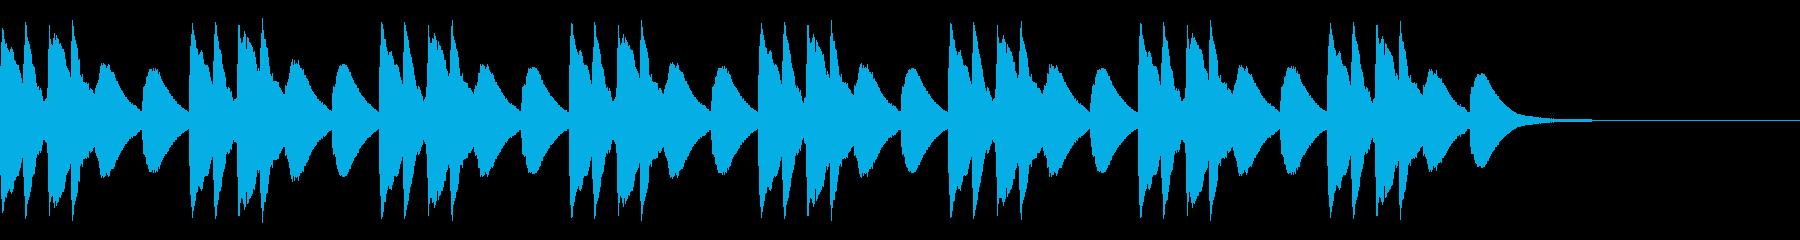 マリンバ 緊張 不穏 不気味 ホラーの再生済みの波形